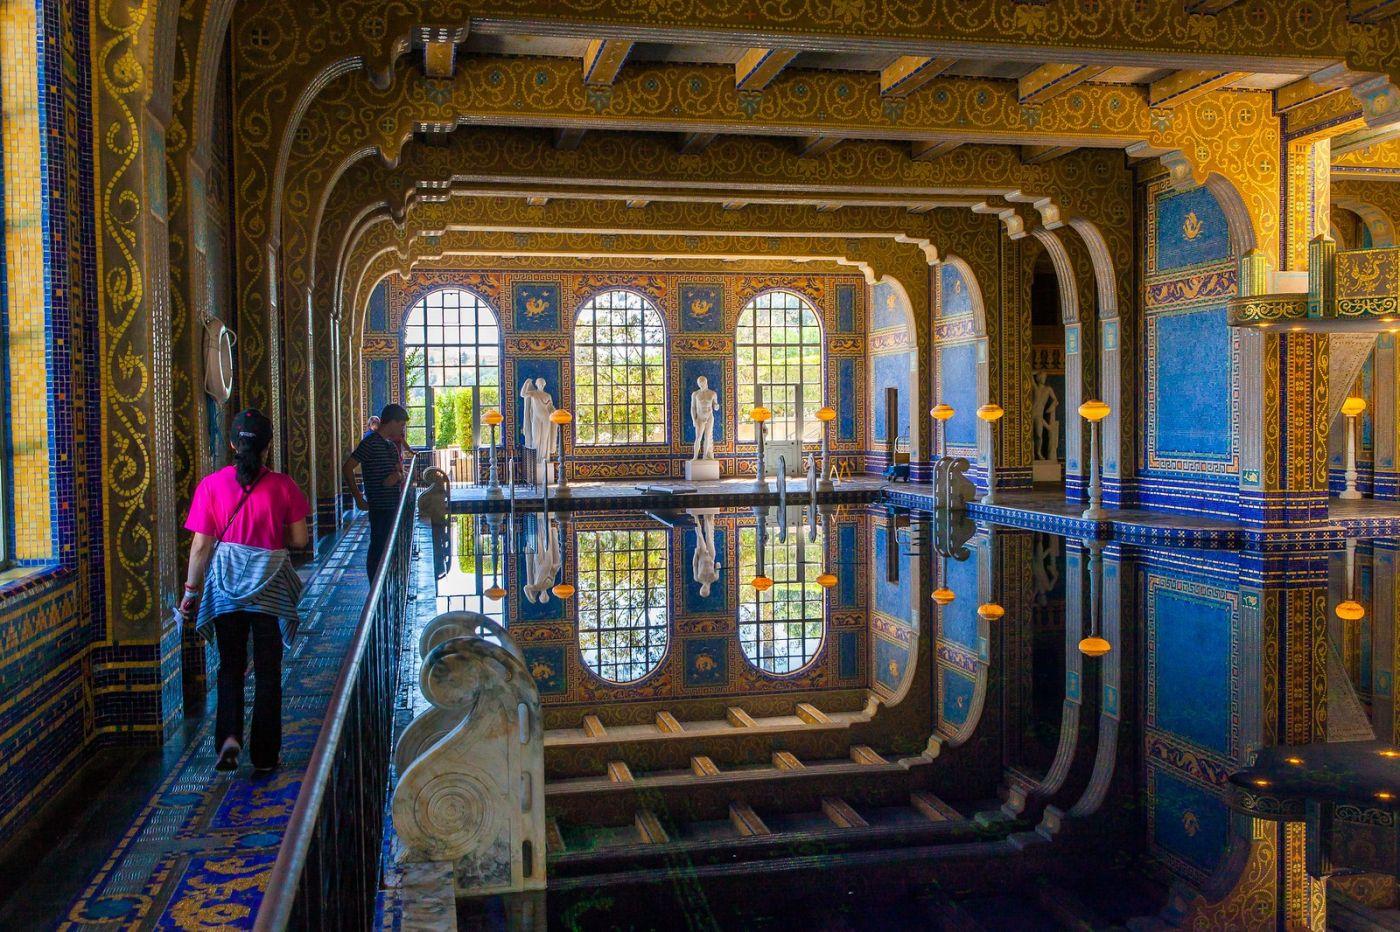 加州赫斯特城堡,主人的游泳池很开眼_图1-3